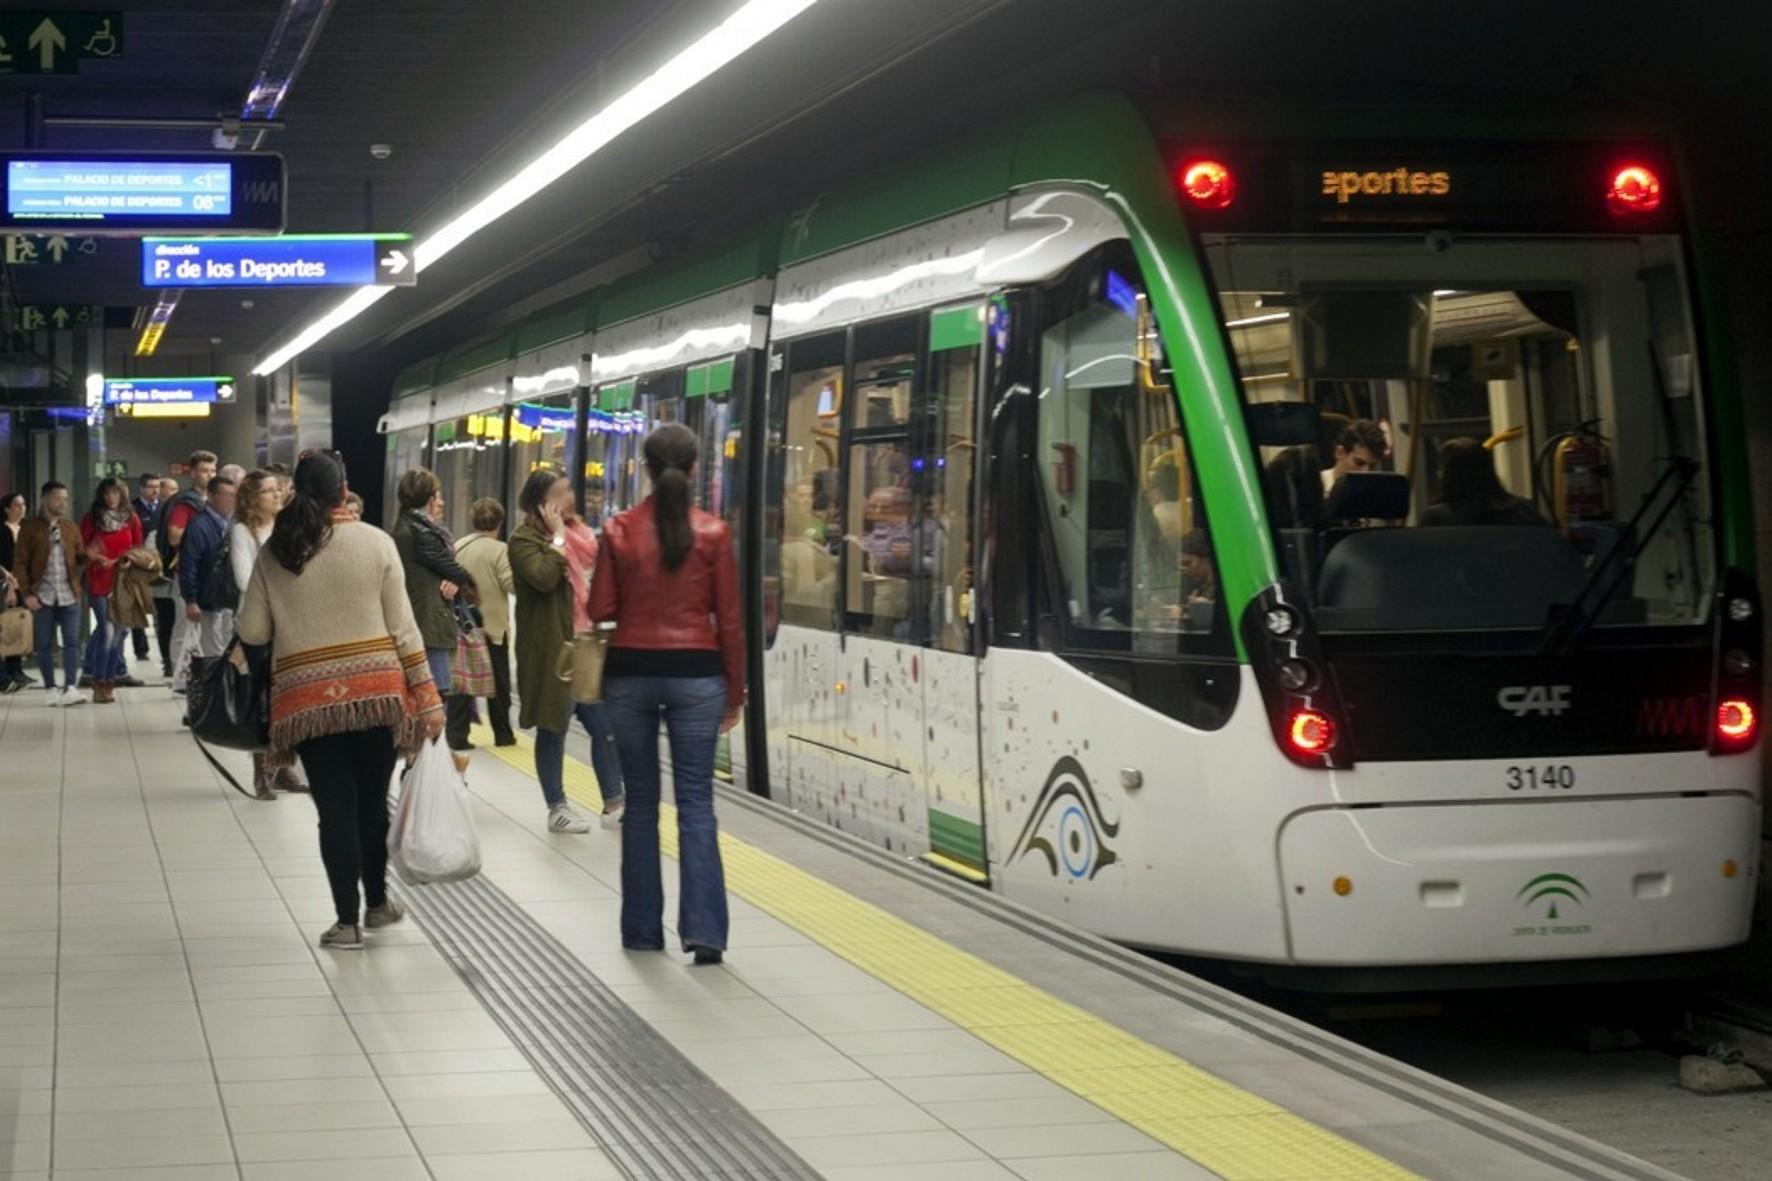 El concurso público afecta a las nuevas instalaciones de los tramos en ejecución del metro de Málaga.